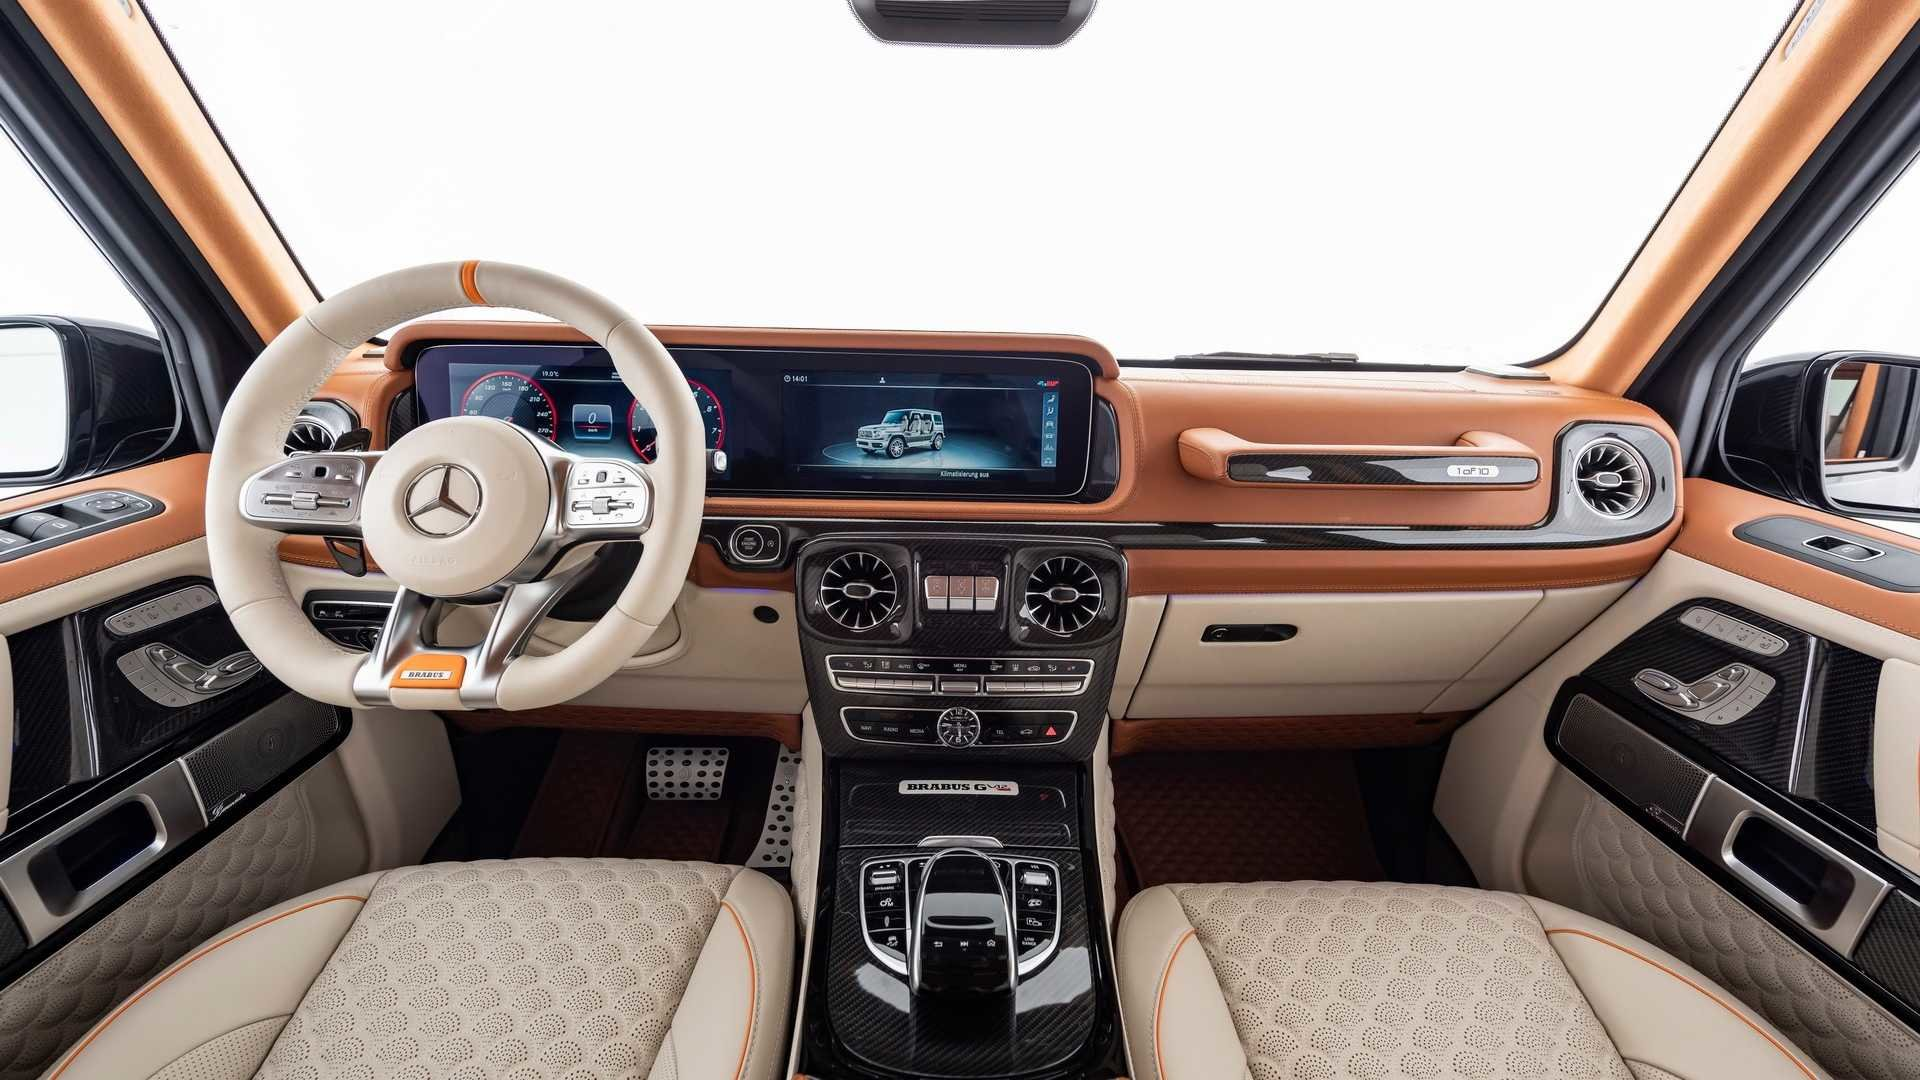 Mercedes-Benz G-Class получил мощнейший двигатель V12 от Brabus. Цена шокирует